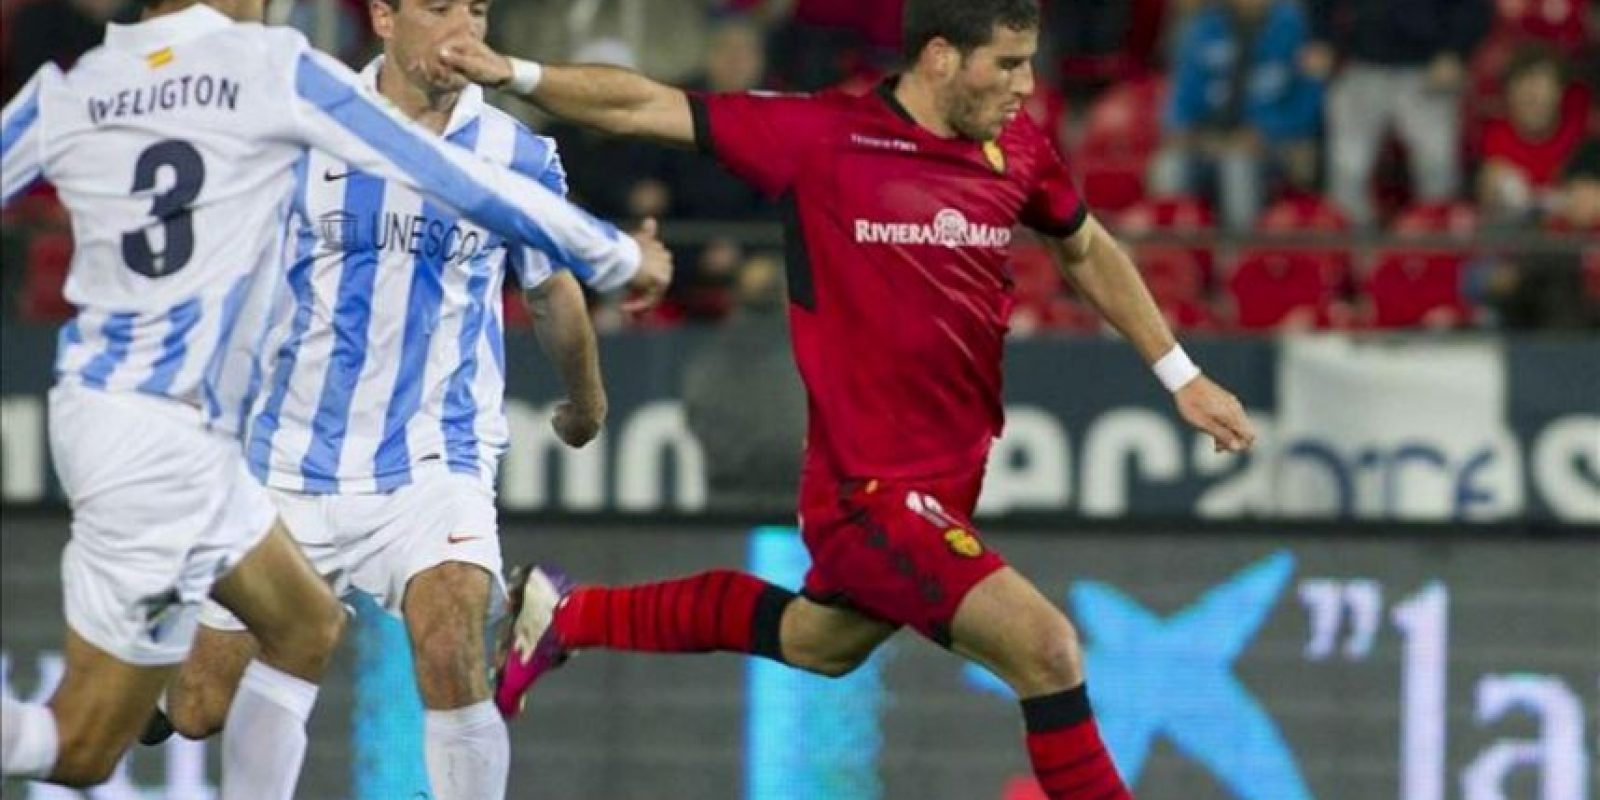 El delantero israelí Tomer Hemed (d) se dispone a lanzar a puerta ante el defensa brasileño del Málaga Weligton de Oliveira (i), durante el partido correspondiente a la vigésimo primera jornada de Liga de Primera División disputado en el Estadio Iberostar, de la capital balear EFE